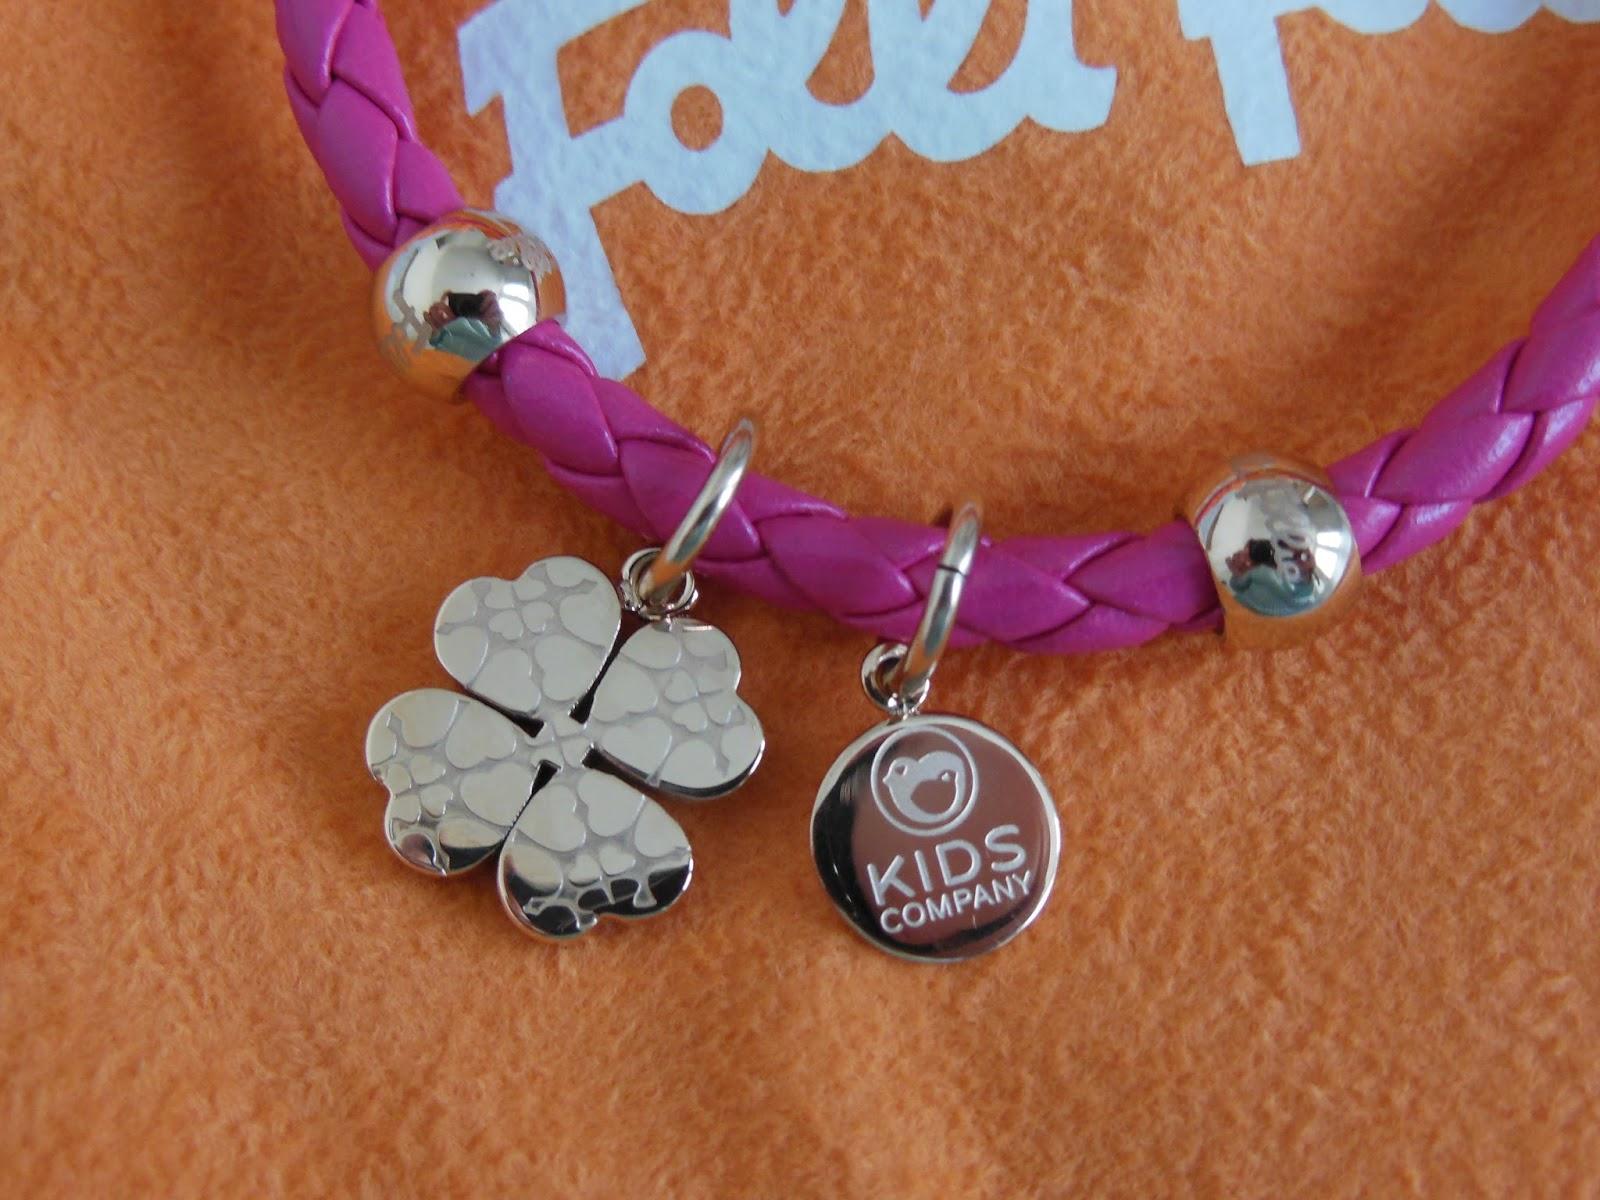 Folli Follie Kids Company bracelet